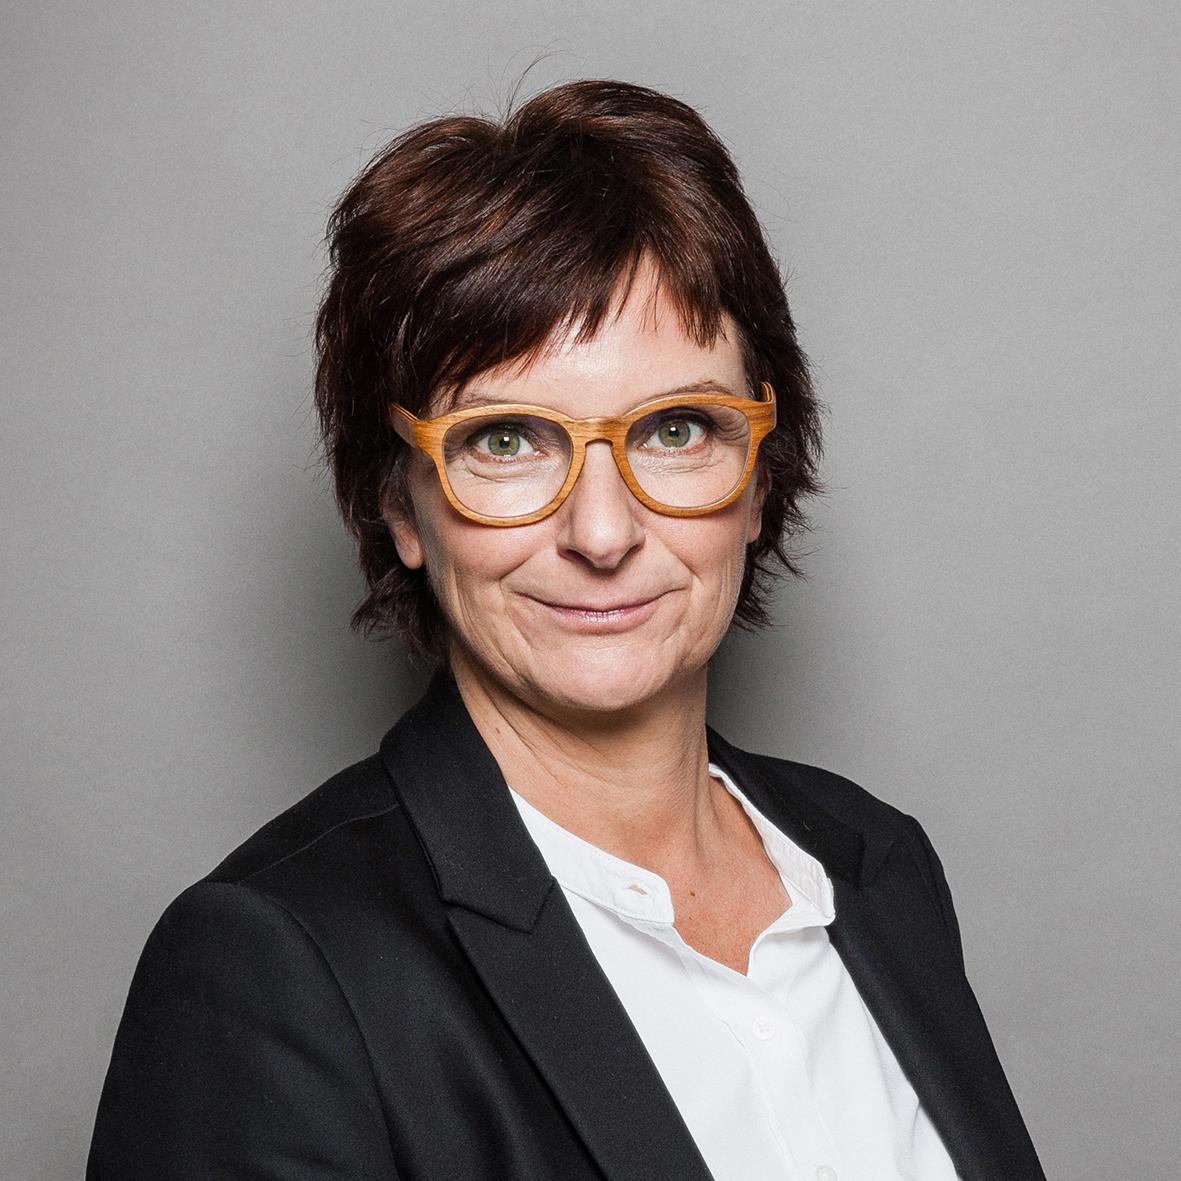 Sigrid Misslinger | Produktionsleitung | Regionalmedien Austria